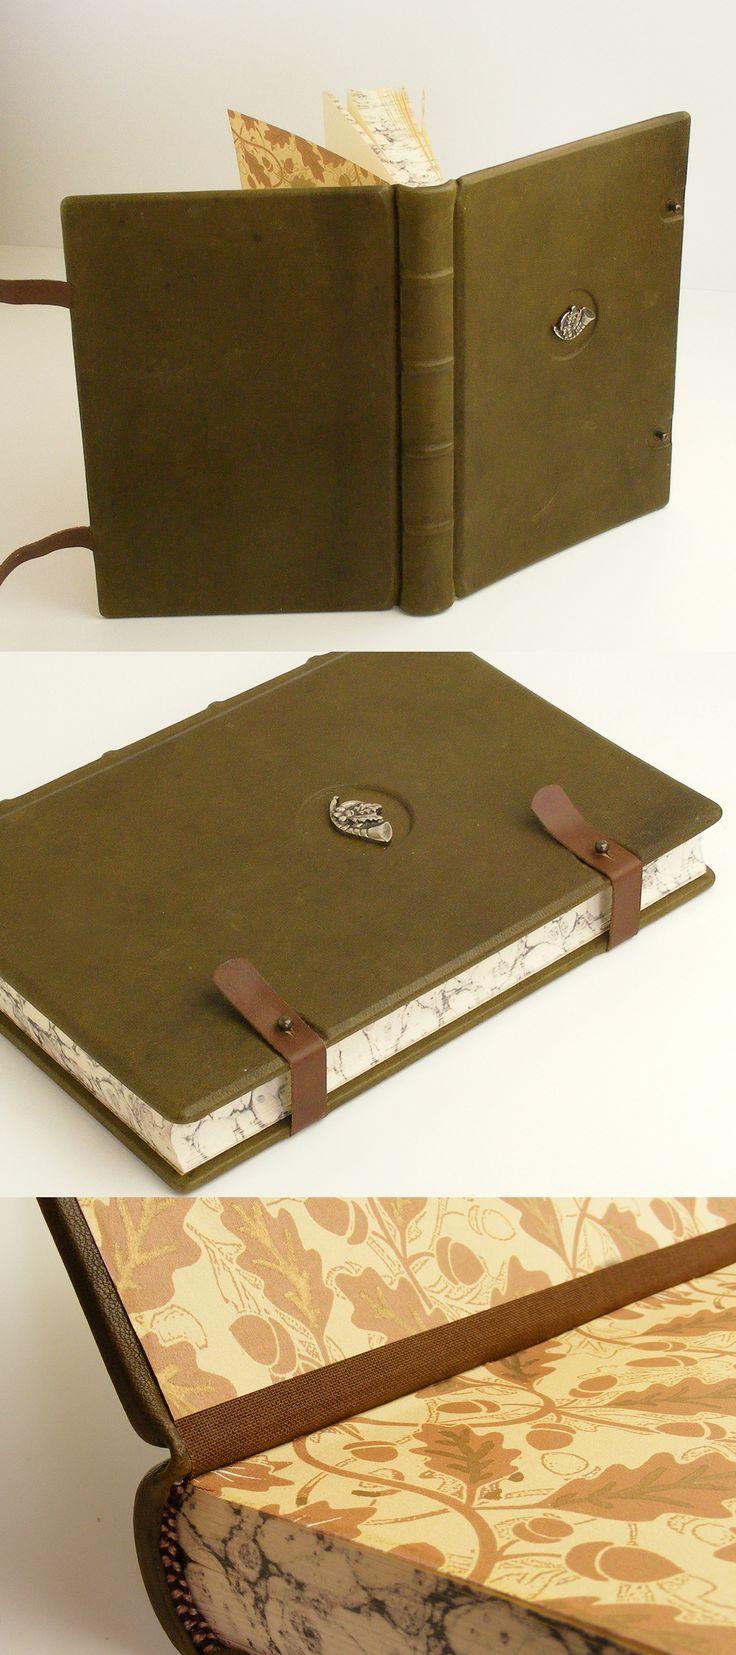 #hunterdiary #leatherjournal #leatherbook #gift for hunter #christmas gift